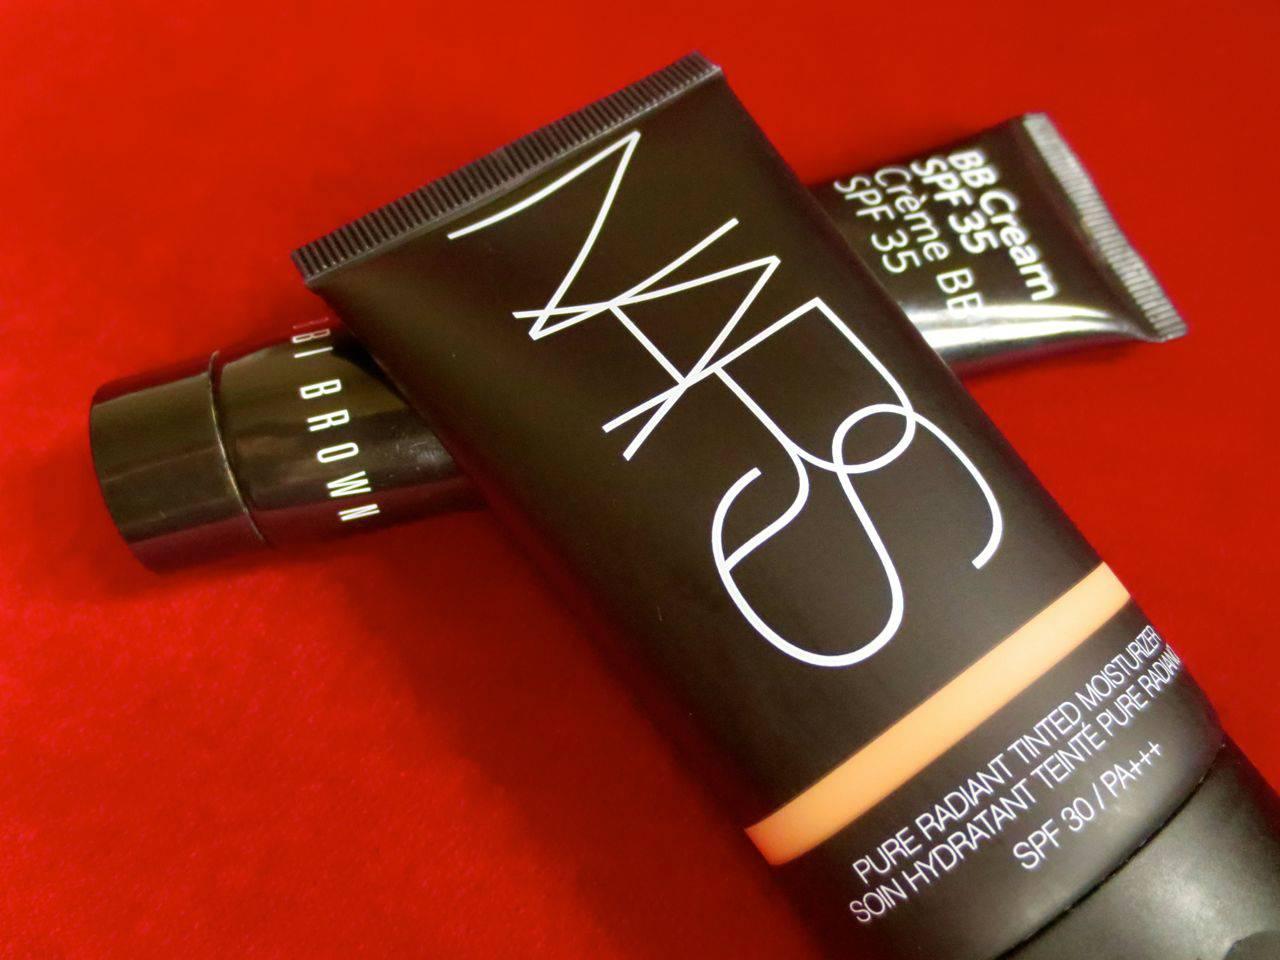 Tinted moisturiser vs BB cream. Let the battle commence.